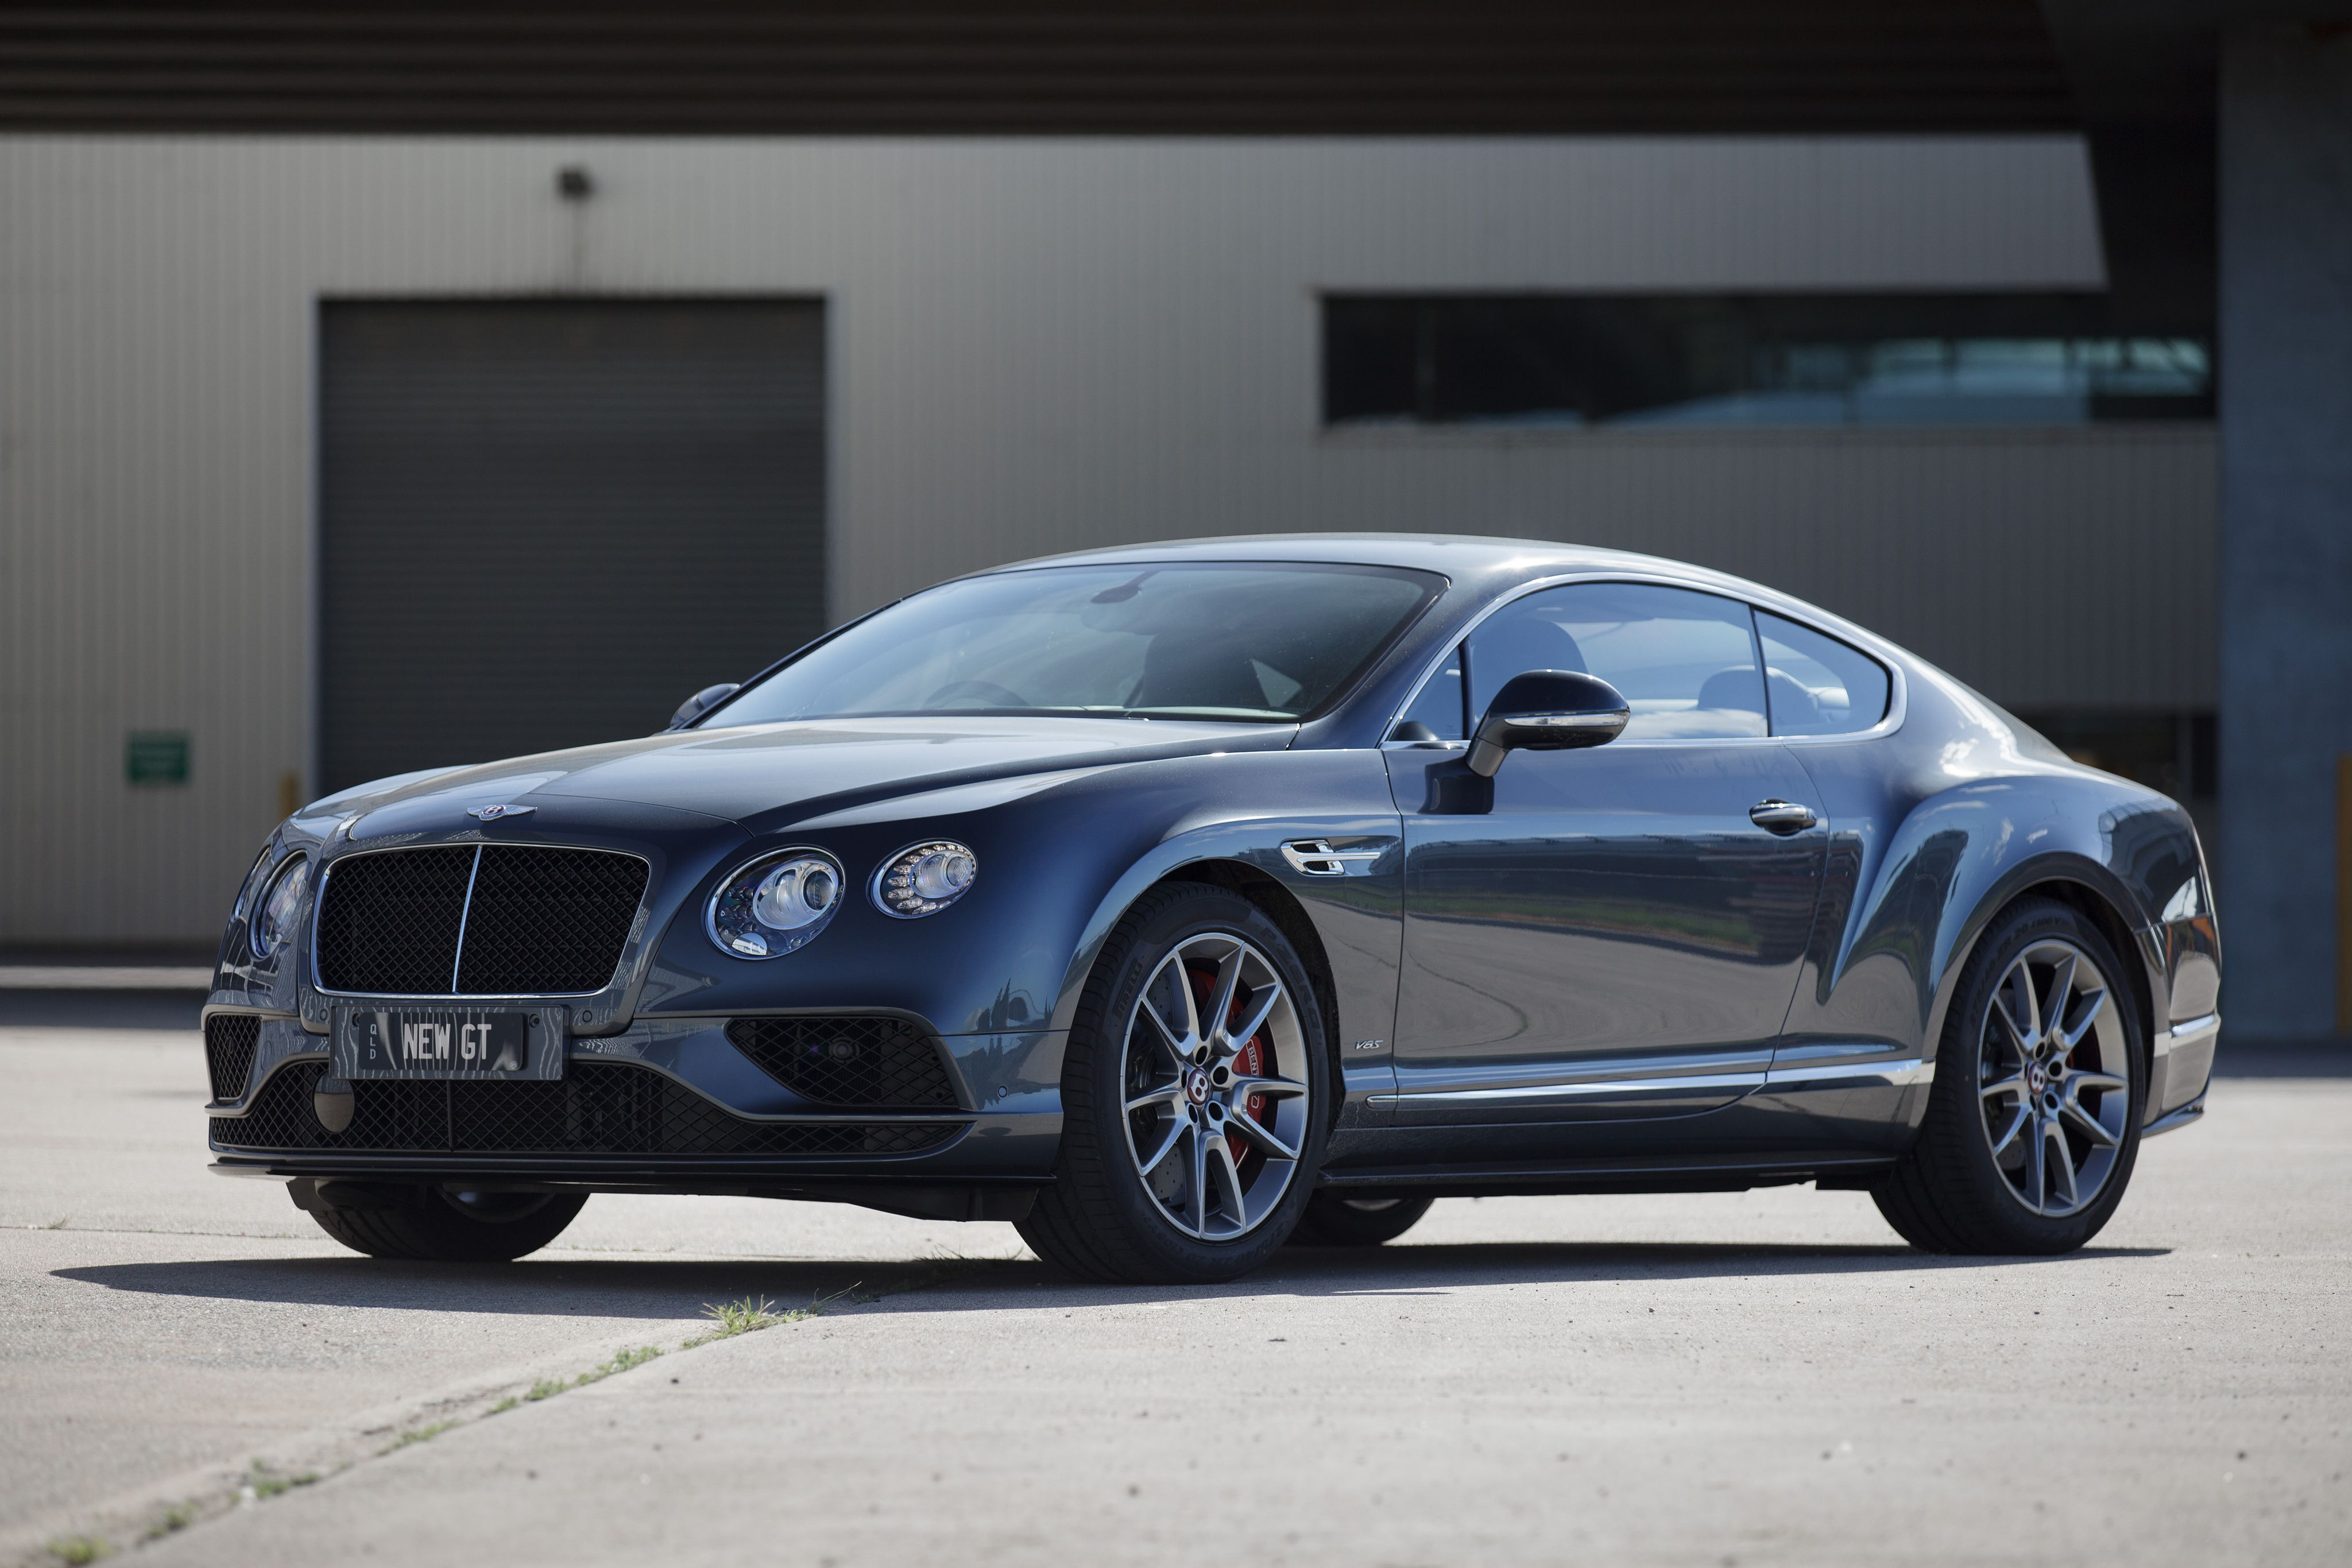 2016 Bentley Continental GT V8 S | Luxury Cars | Pinterest | Bentley ...